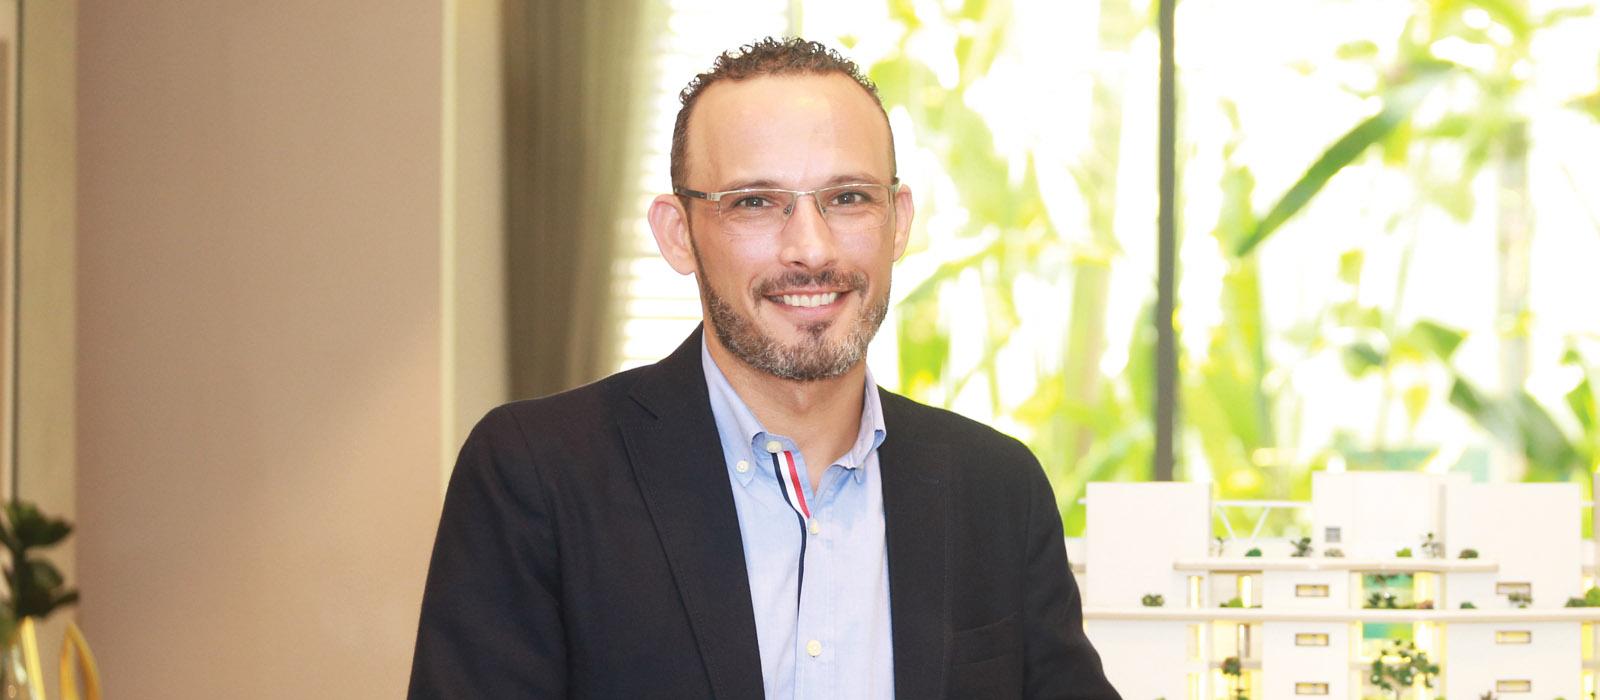 Ông Manuel Ferriol - Tổng quản lý khu nghỉ dưỡng biển Meliá Hồ Tràm 2